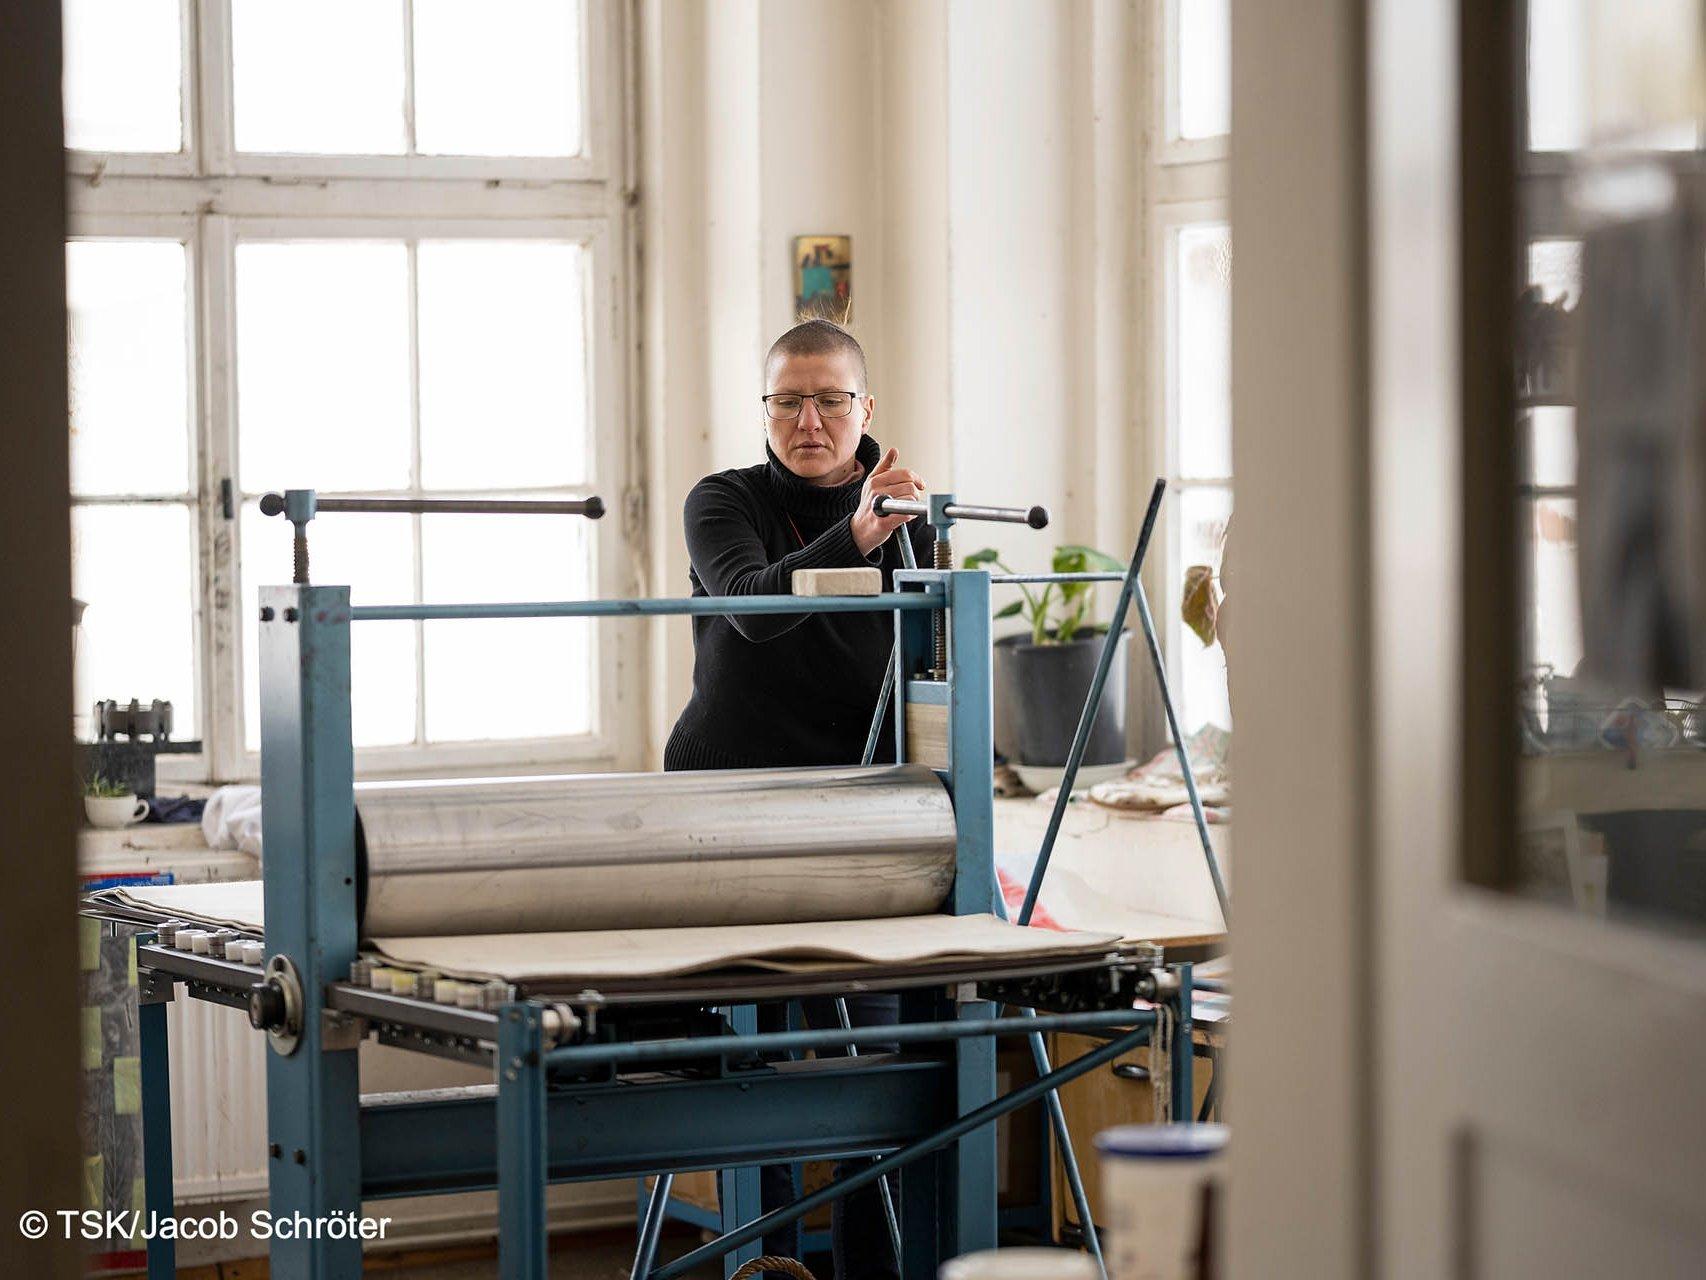 Die Künstlerin Tanja Pohl arbeitet in ihrem Atelier an einer Druckerpresse